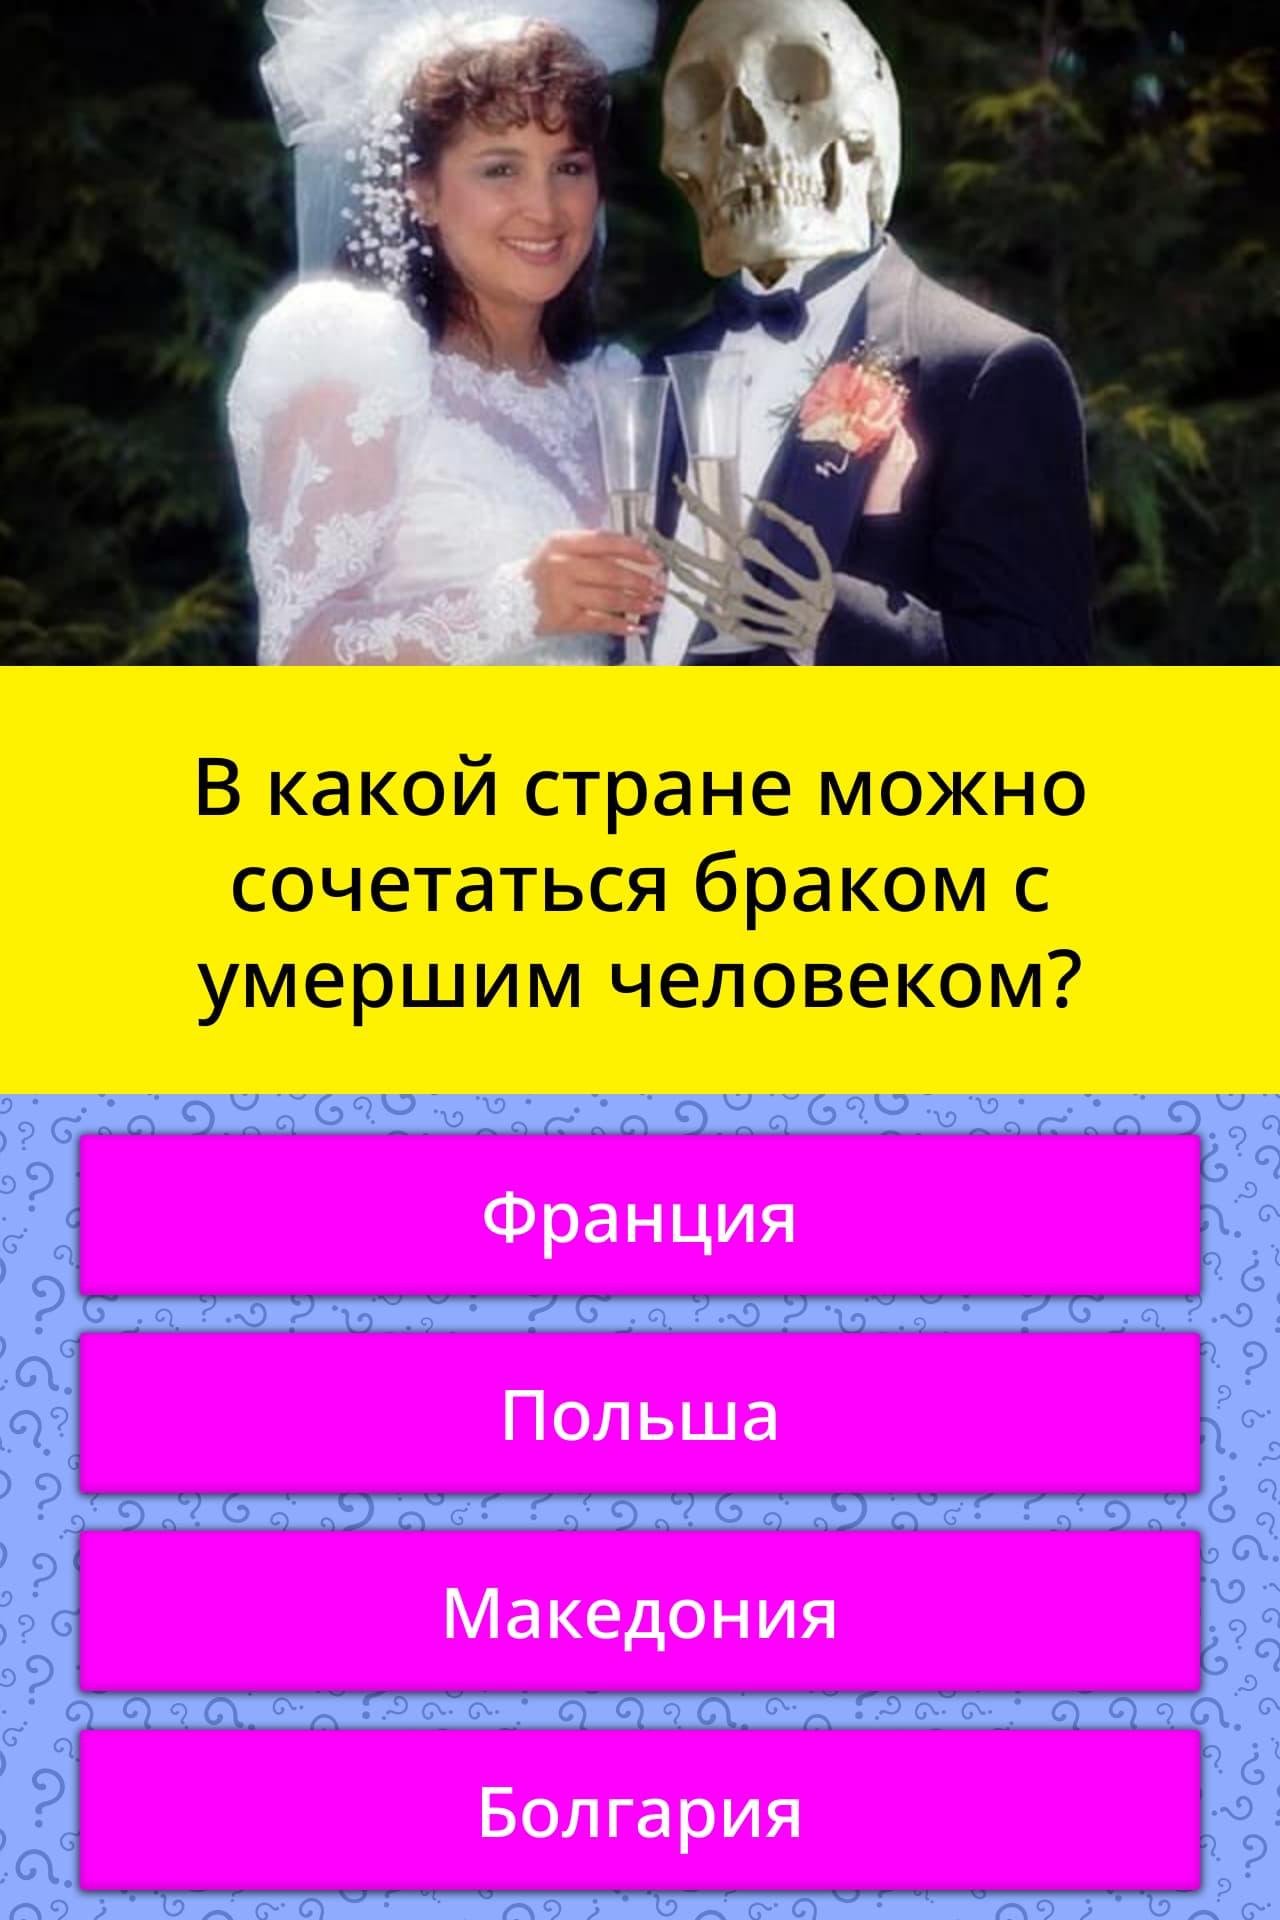 В каких странах разрешена эвтаназия? этические проблемы эвтаназии - gkd.ru